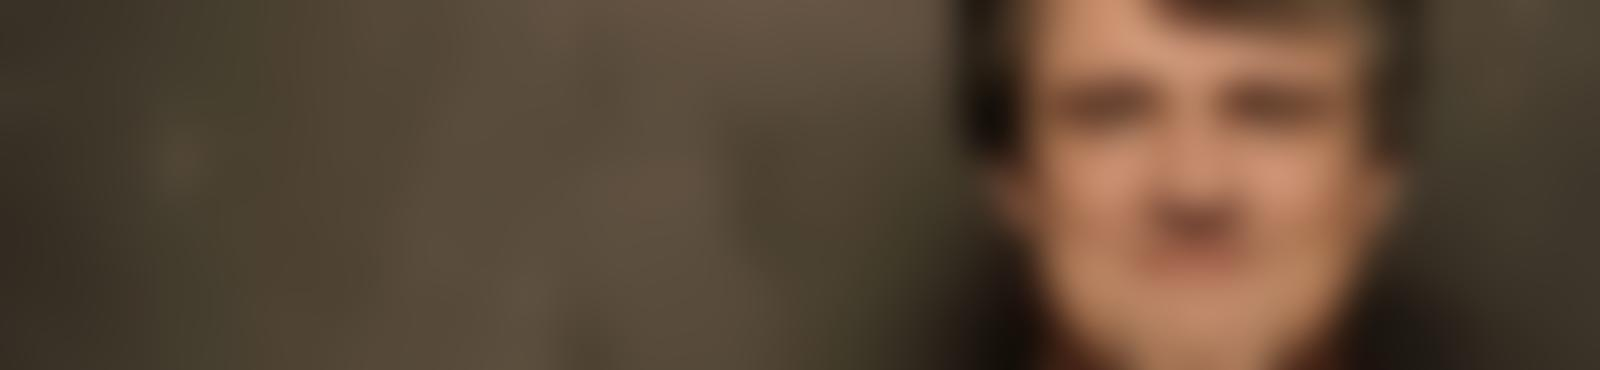 Blurred 35c376d5 af58 4455 8f33 7e34e84c473a